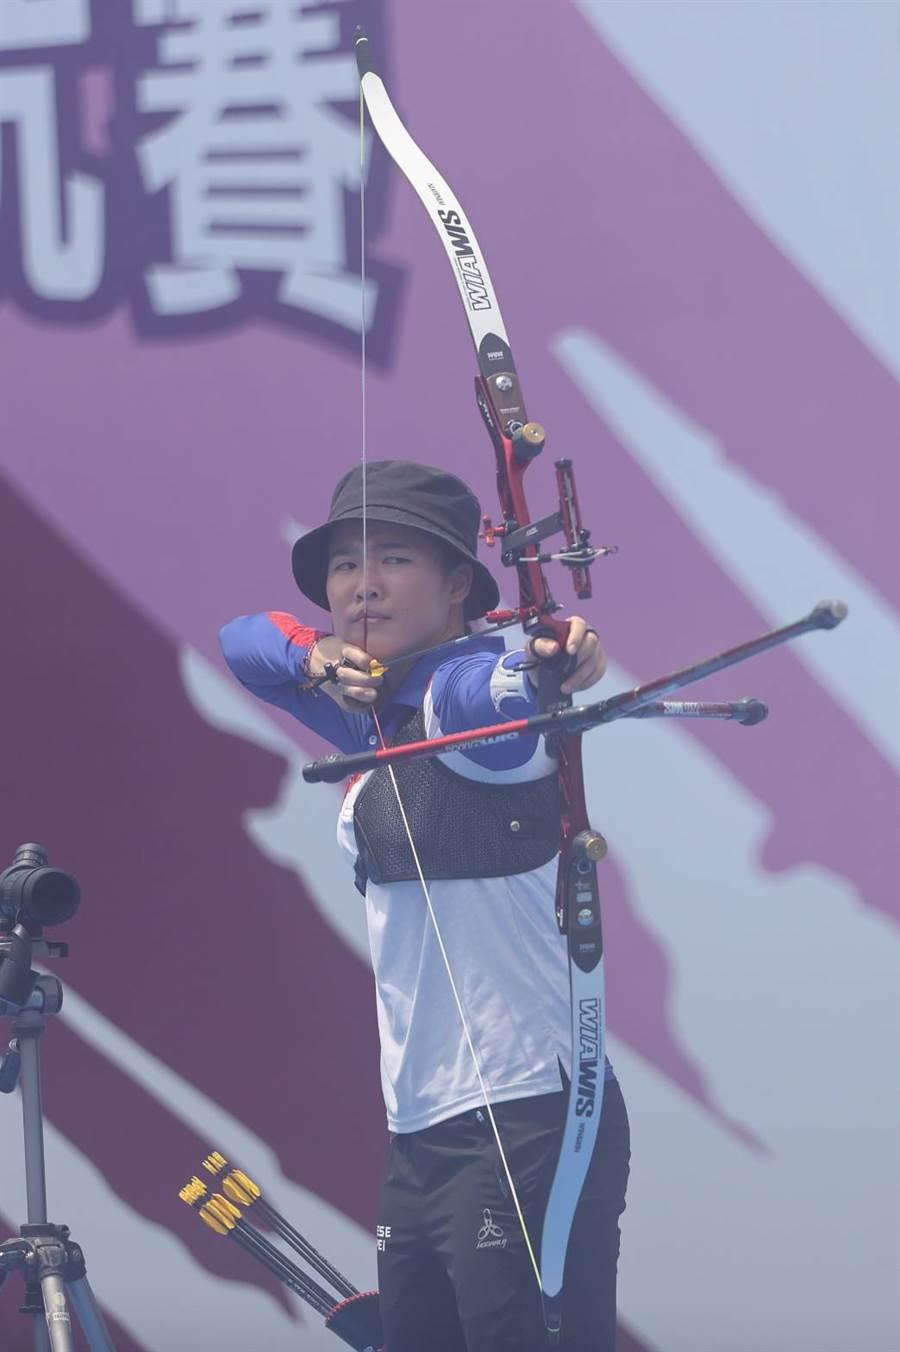 彭家楙獲得模擬奧運對抗賽射箭女子個人賽金牌。(國訓中心提供)